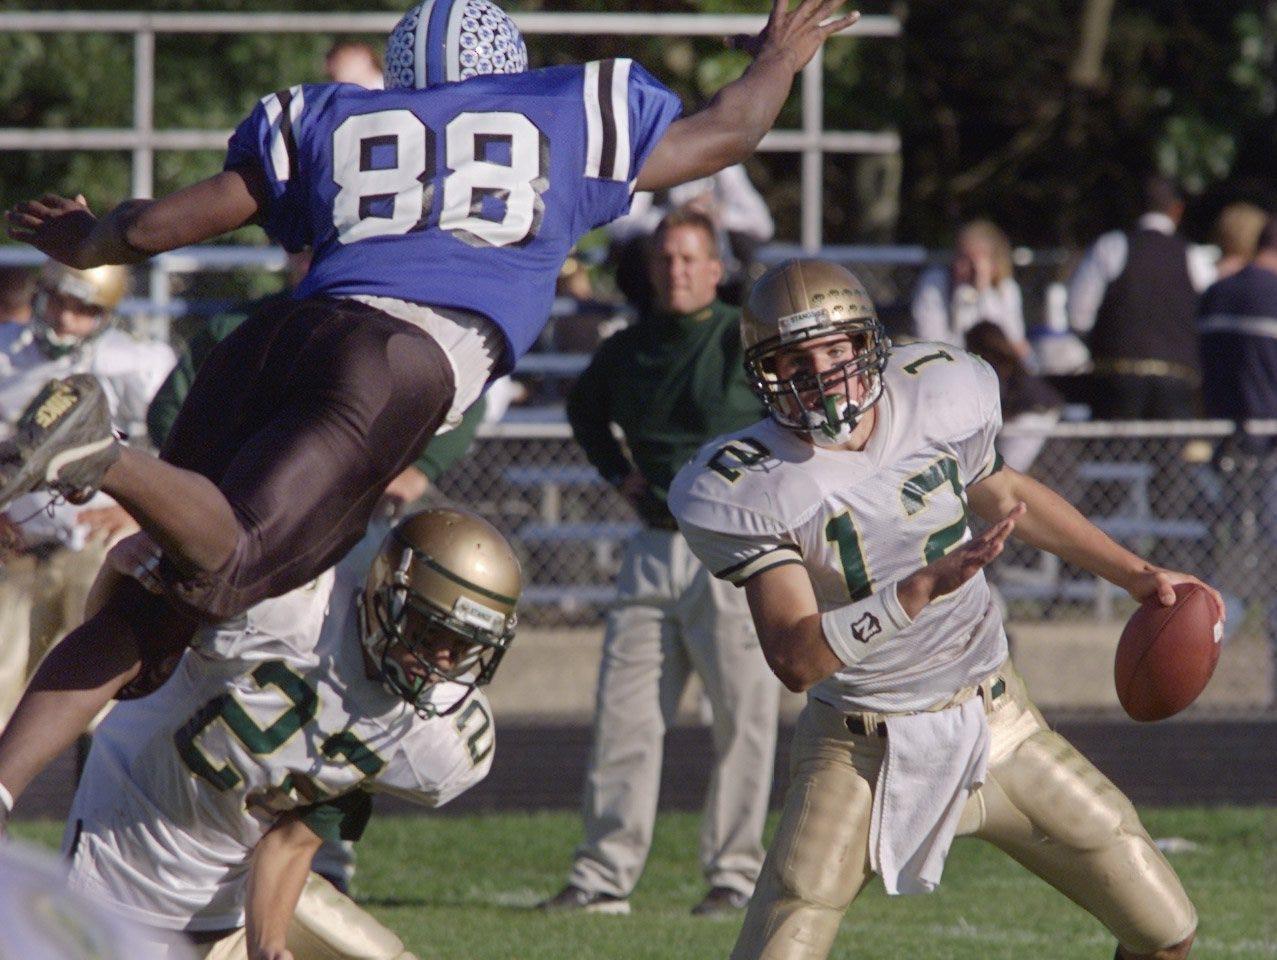 Lakewood's Thomas Carroll (88) dives at Brick Memorial quarterback Brian Boland (12) in a 2001 game.